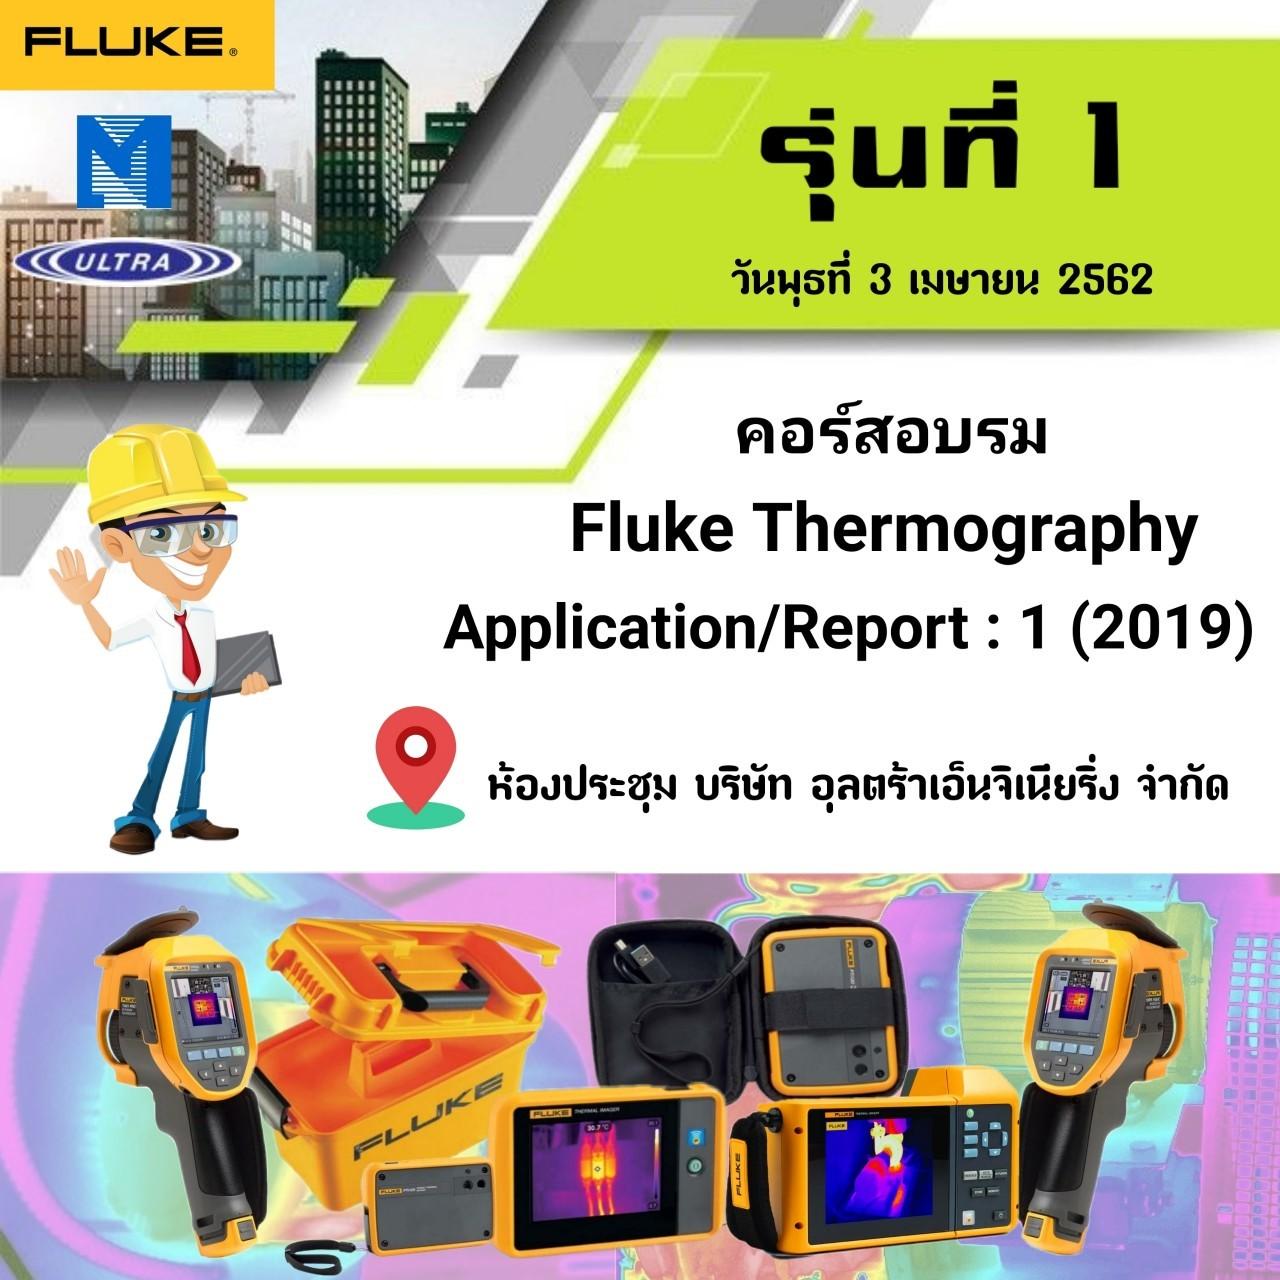 ประมวลภาพรุ่นที่ 1 สัมมนาเชิงปฏิบัติการเรื่อง Fluke Thermography Application Report 1